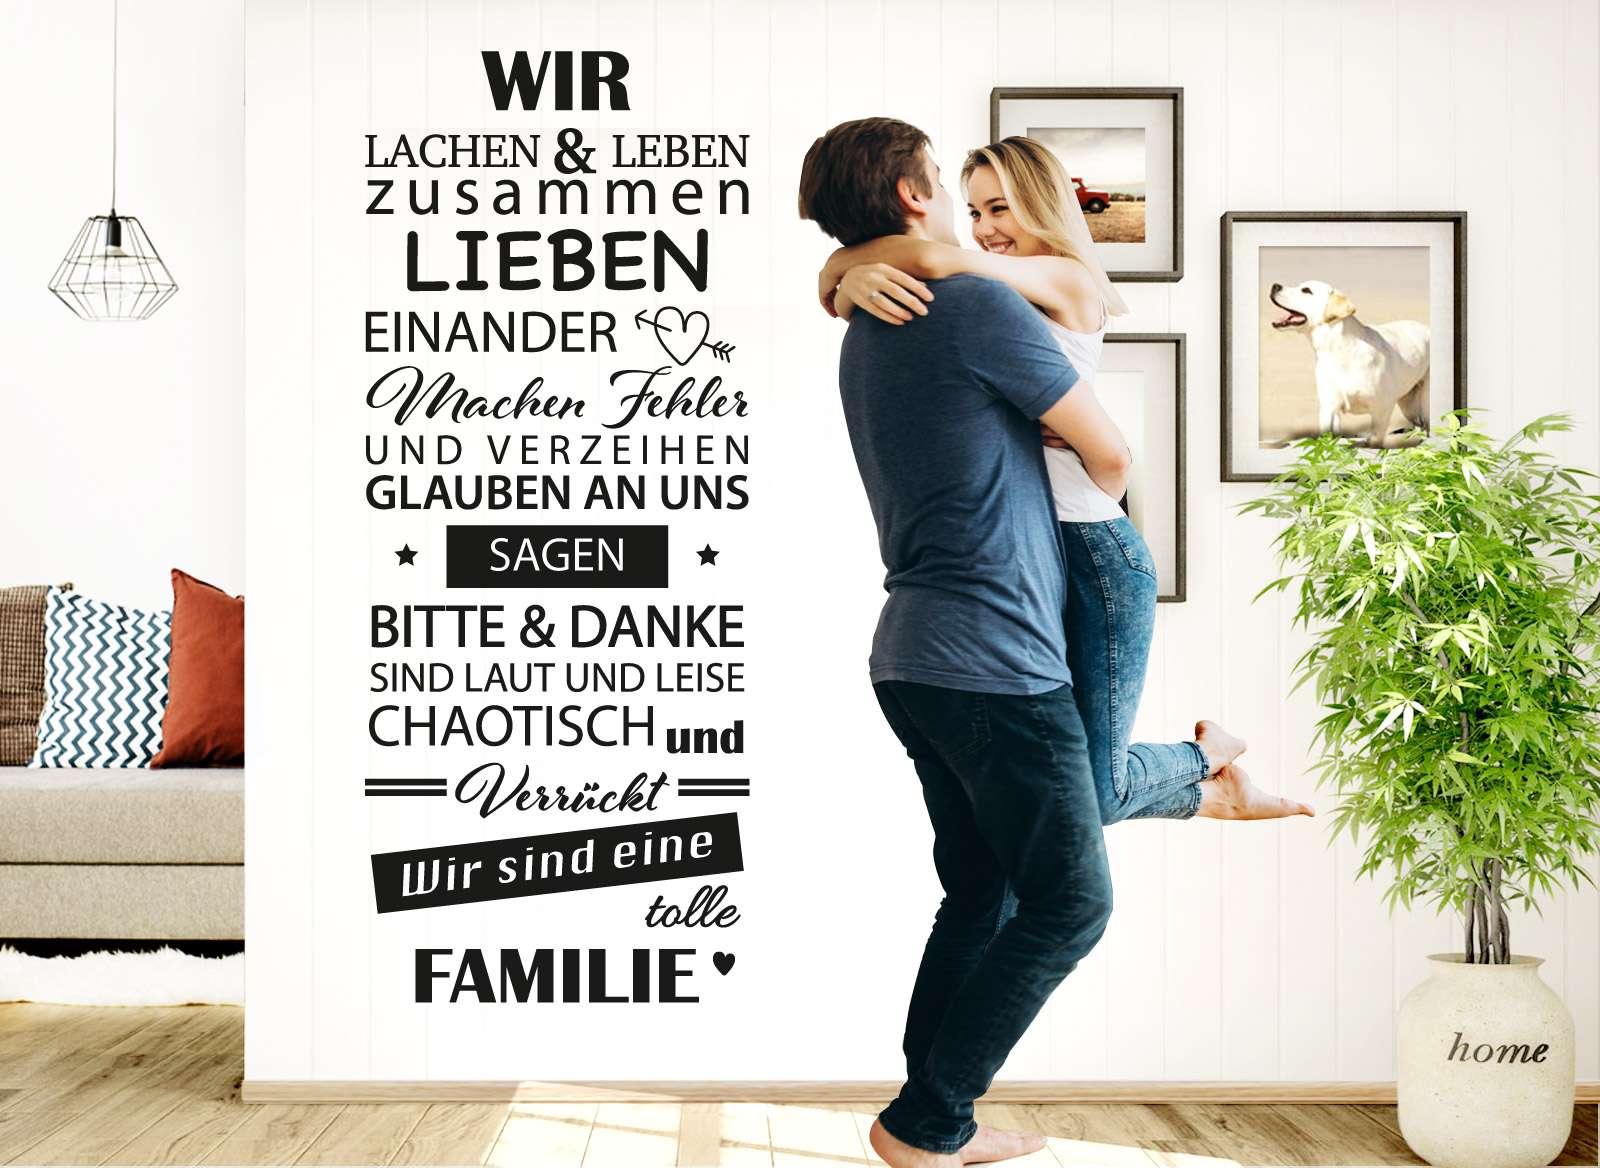 Großartig Wandtattoo Anbringen Foto Von Spruch Wir Sind Eine Tolle Familie W5385